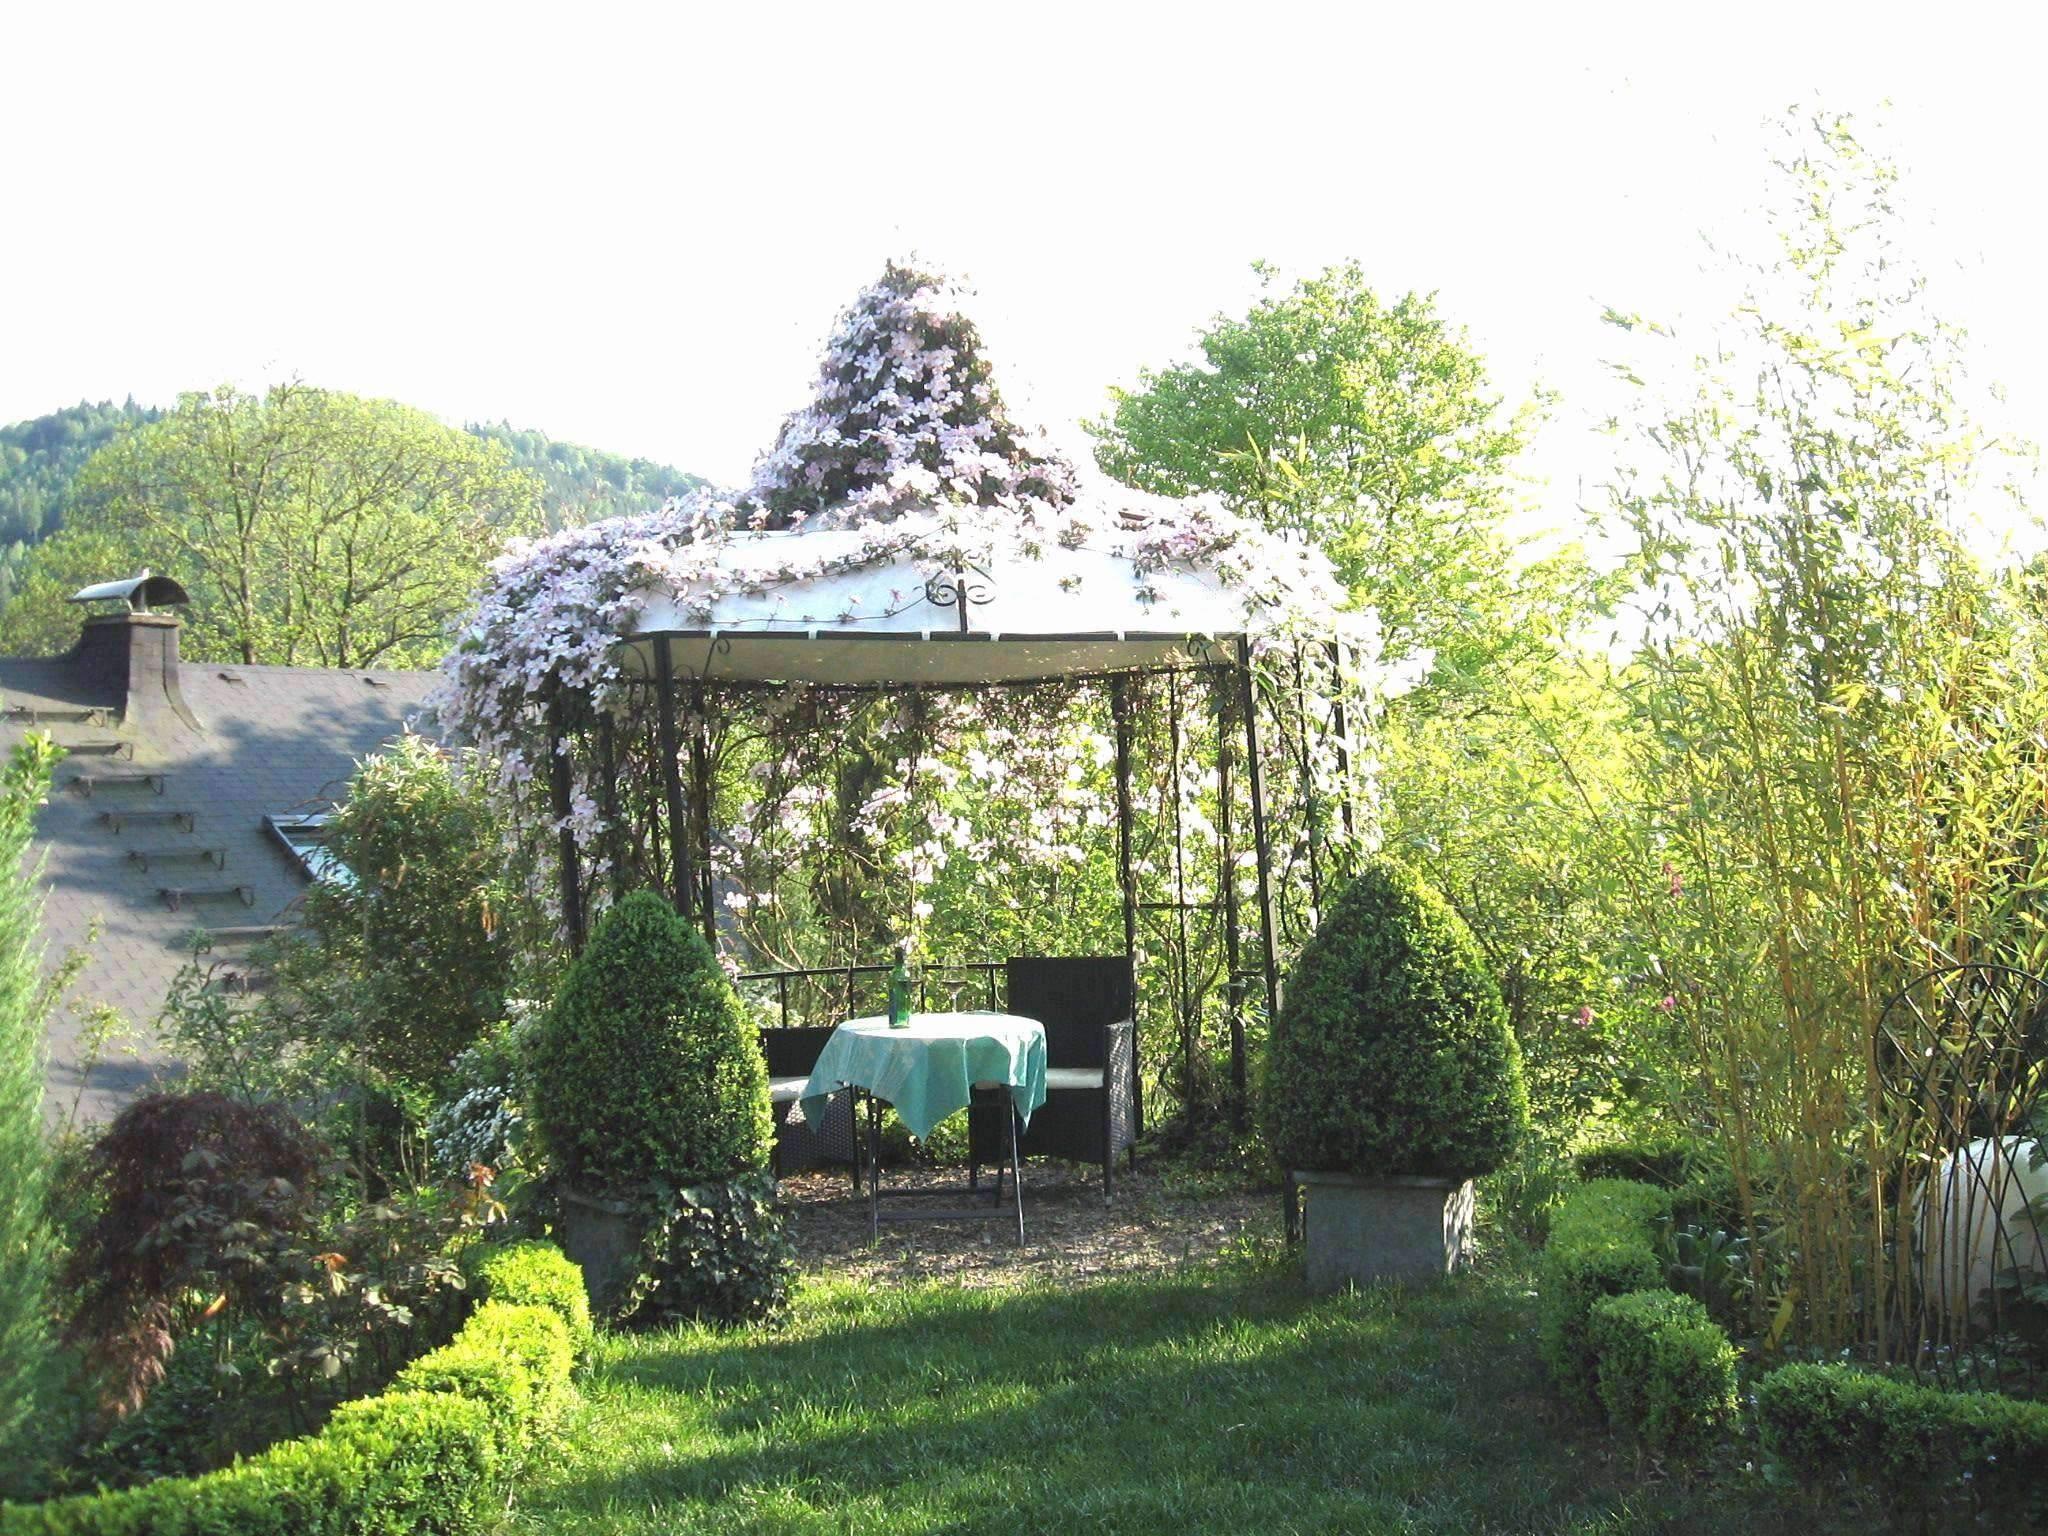 garten terrasse ideen einzigartig 71 luxus garten sichtschutz ideen of garten terrasse ideen 1